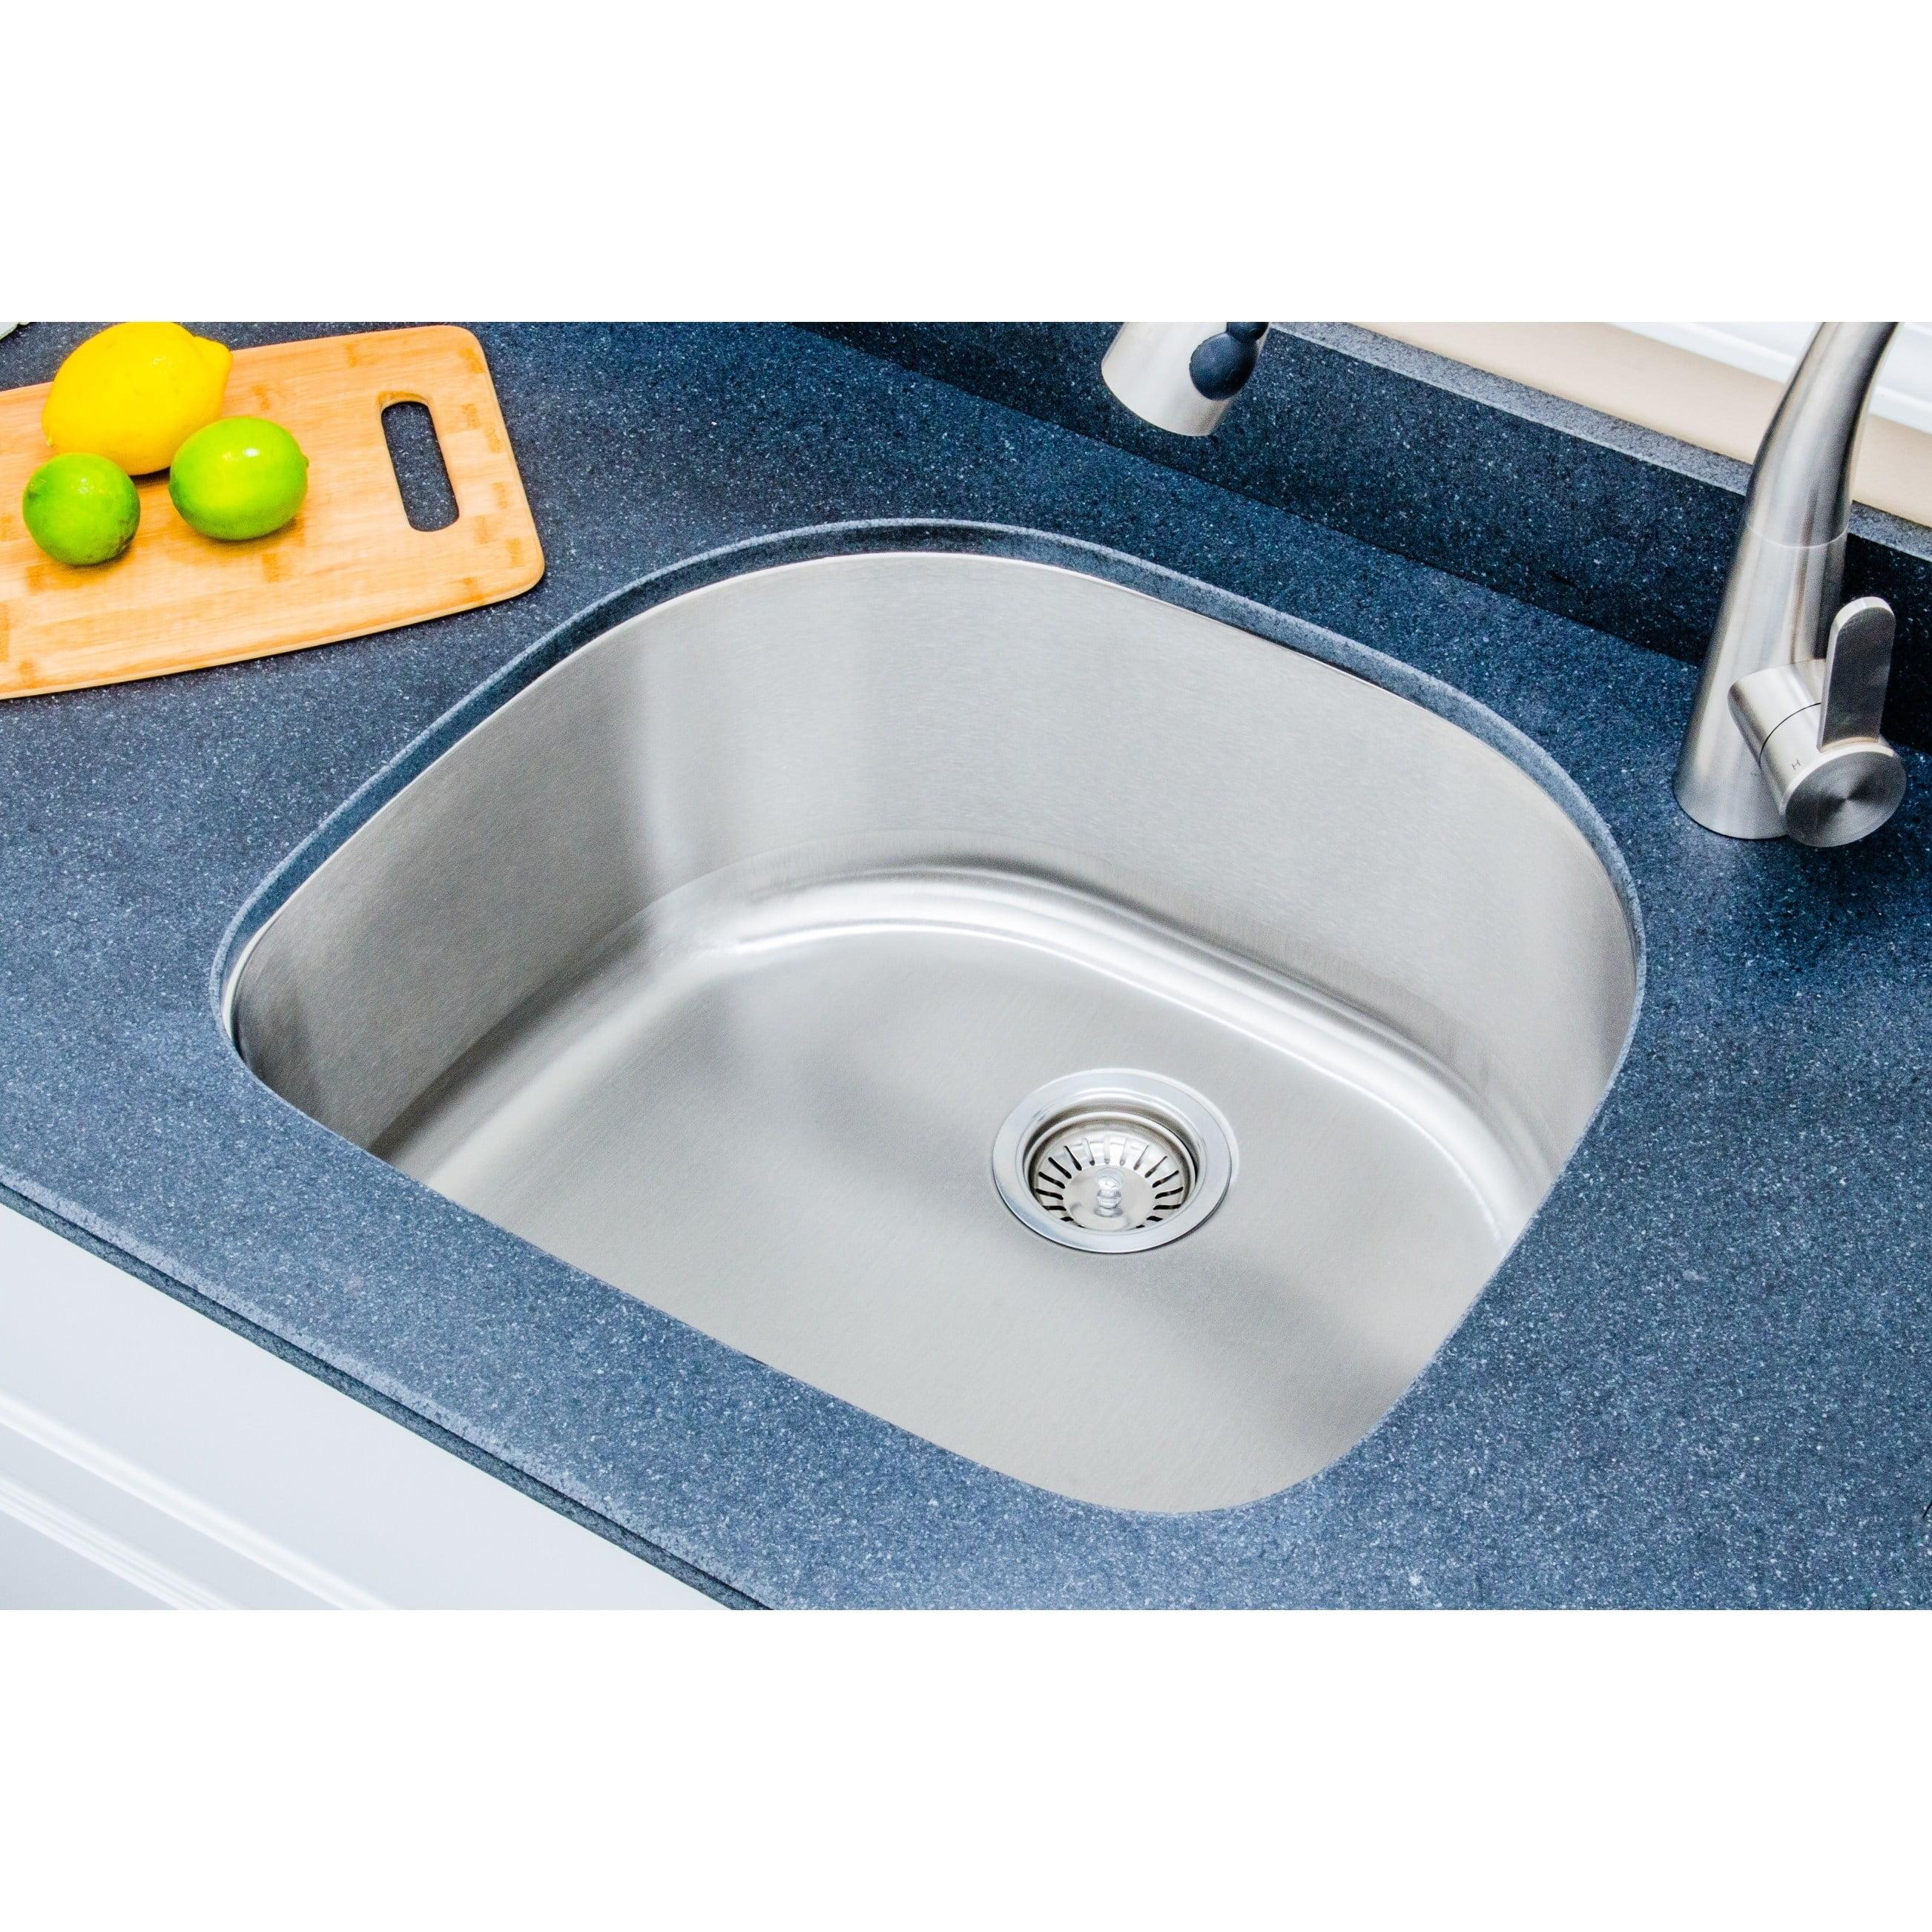 WELLS SINKWARE Craftsmen Series 24\'\' L x 21\'\' W Undermount Kitchen Sink